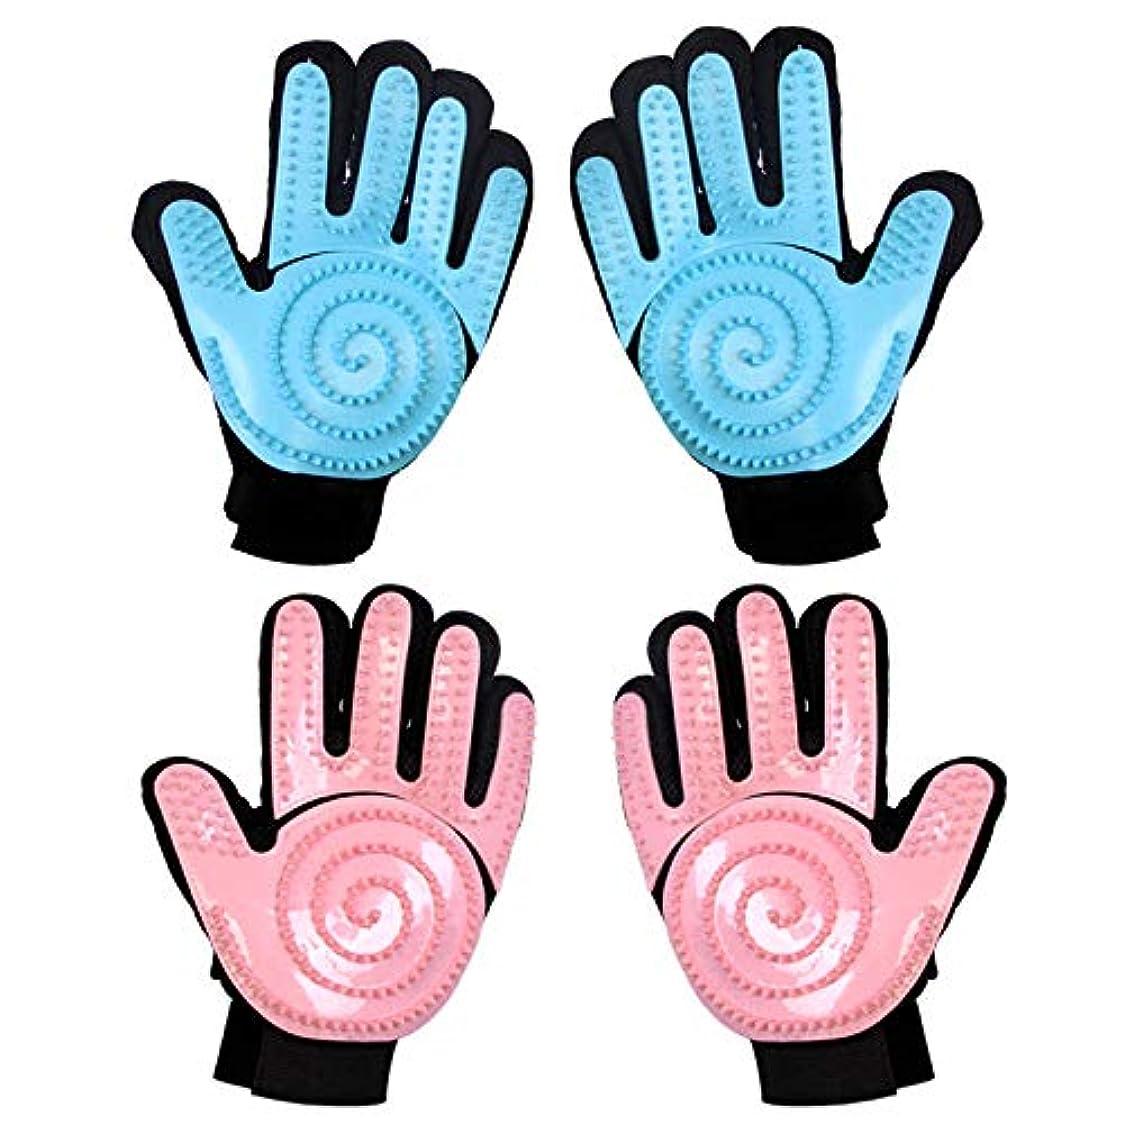 公使館再びナサニエル区BTXXYJP 手袋 ペット ブラシ グローブ 猫 ブラシ クリーナー 抜け毛取り マッサージブラシ 犬 グローブ ペット毛取りブラシ お手入れ (Color : Pink, Style : Right hand)